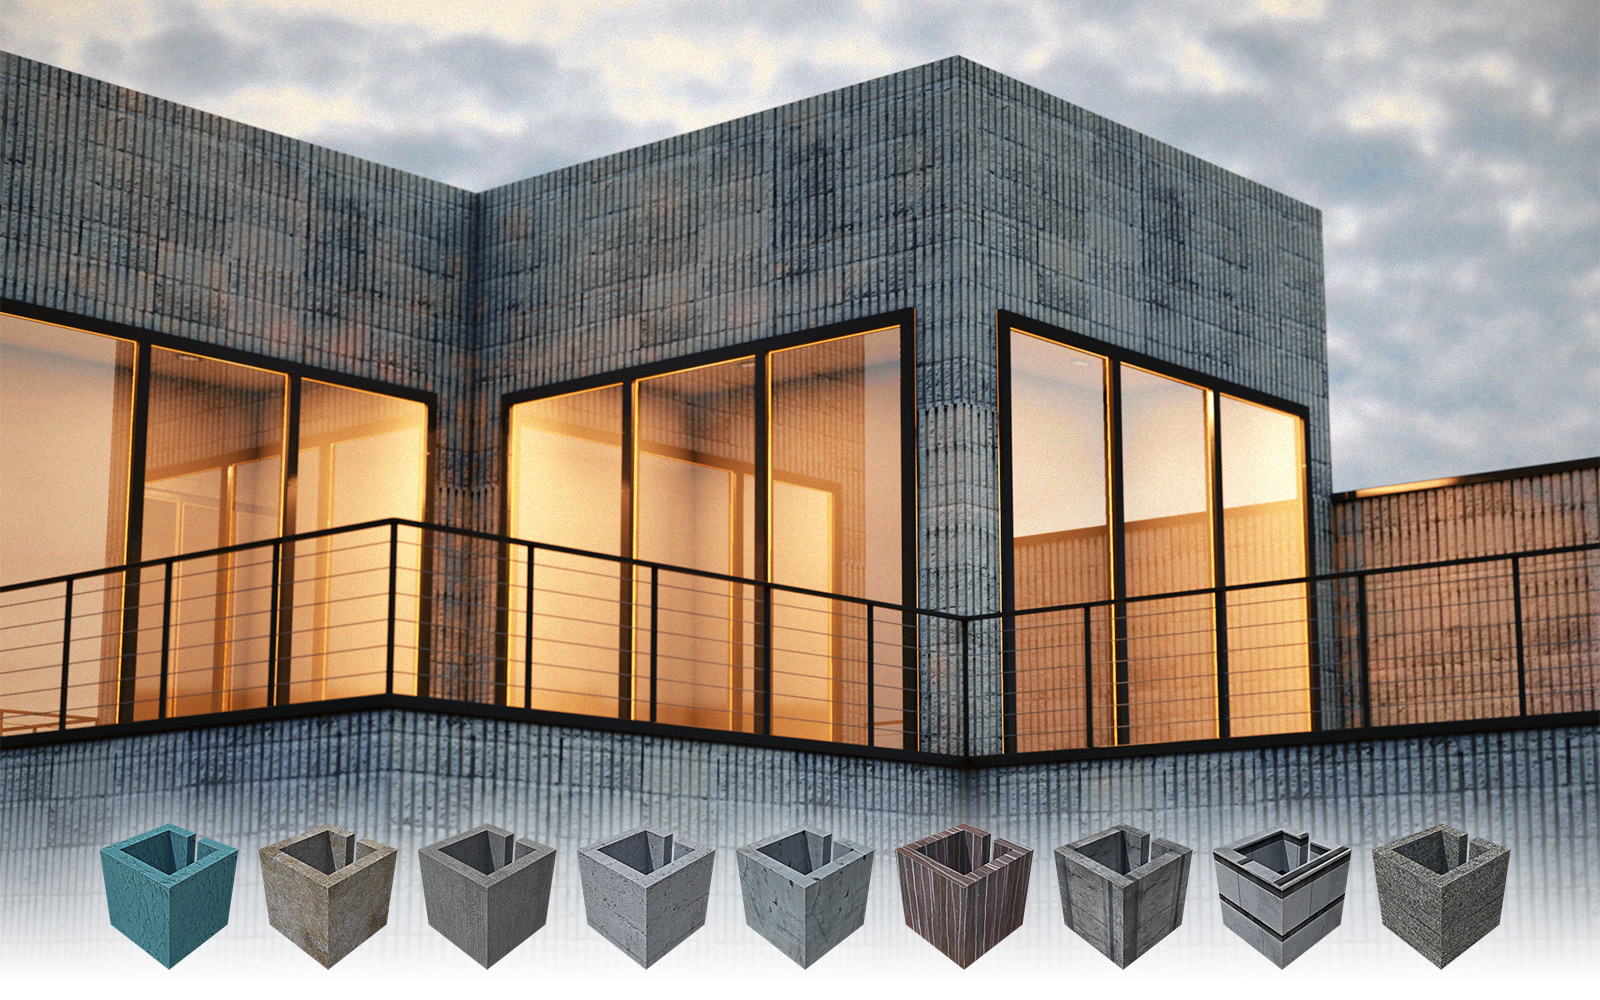 Cinema 4d concrete textures 01 free cinema 4d textures for Cinema 4d architecture